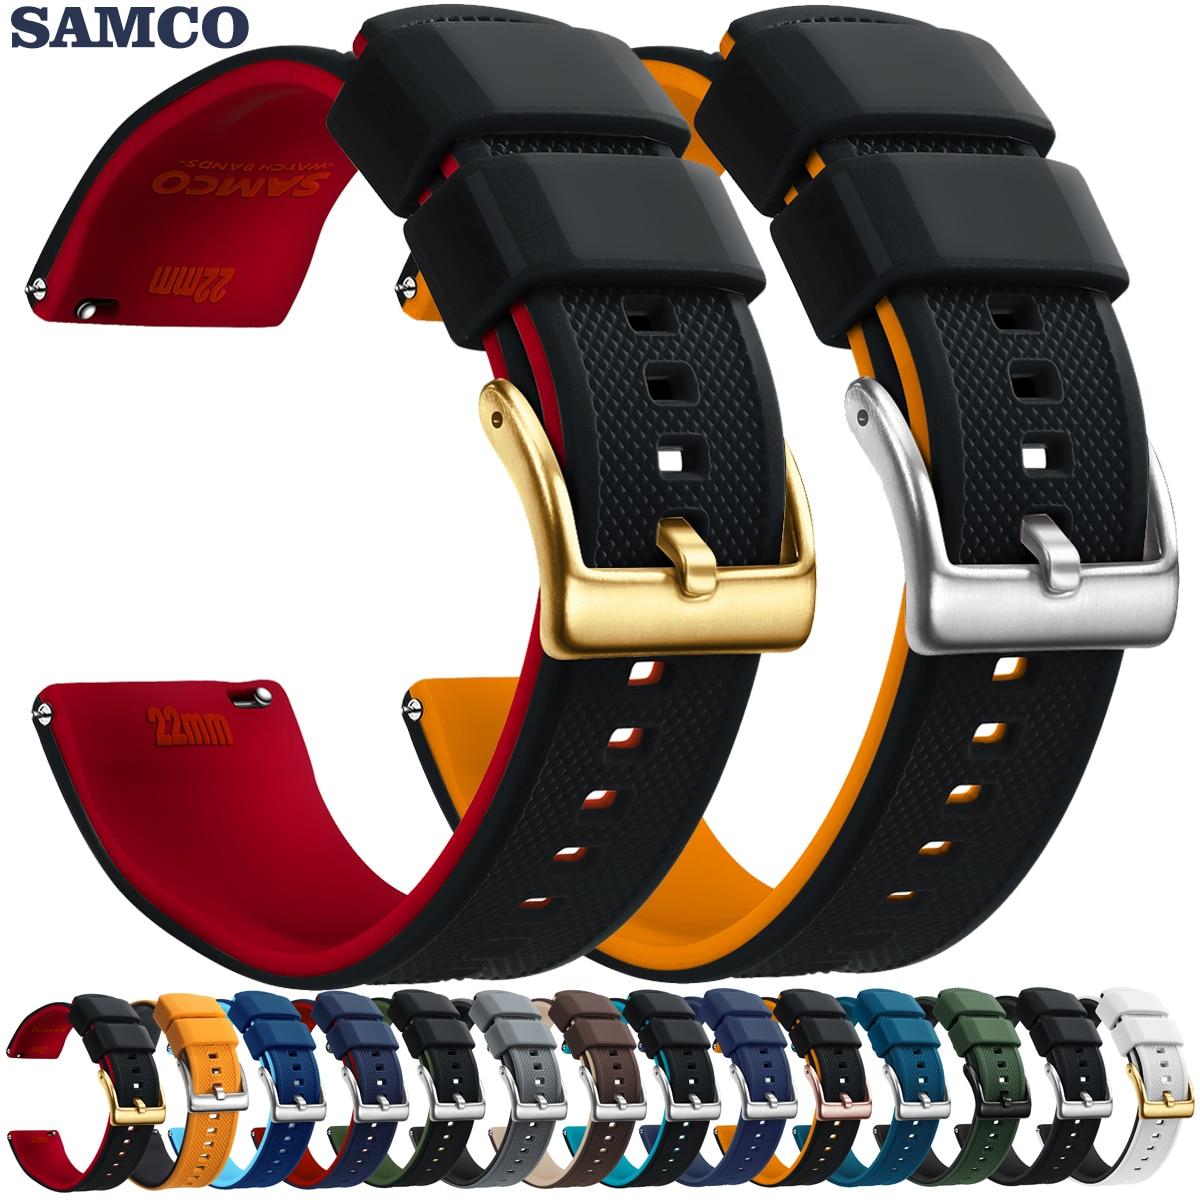 Ремешок силиконовый для мужских и женских часов, быстросъемный резиновый водонепроницаемый сменный Браслет для мужских и женских наручных...